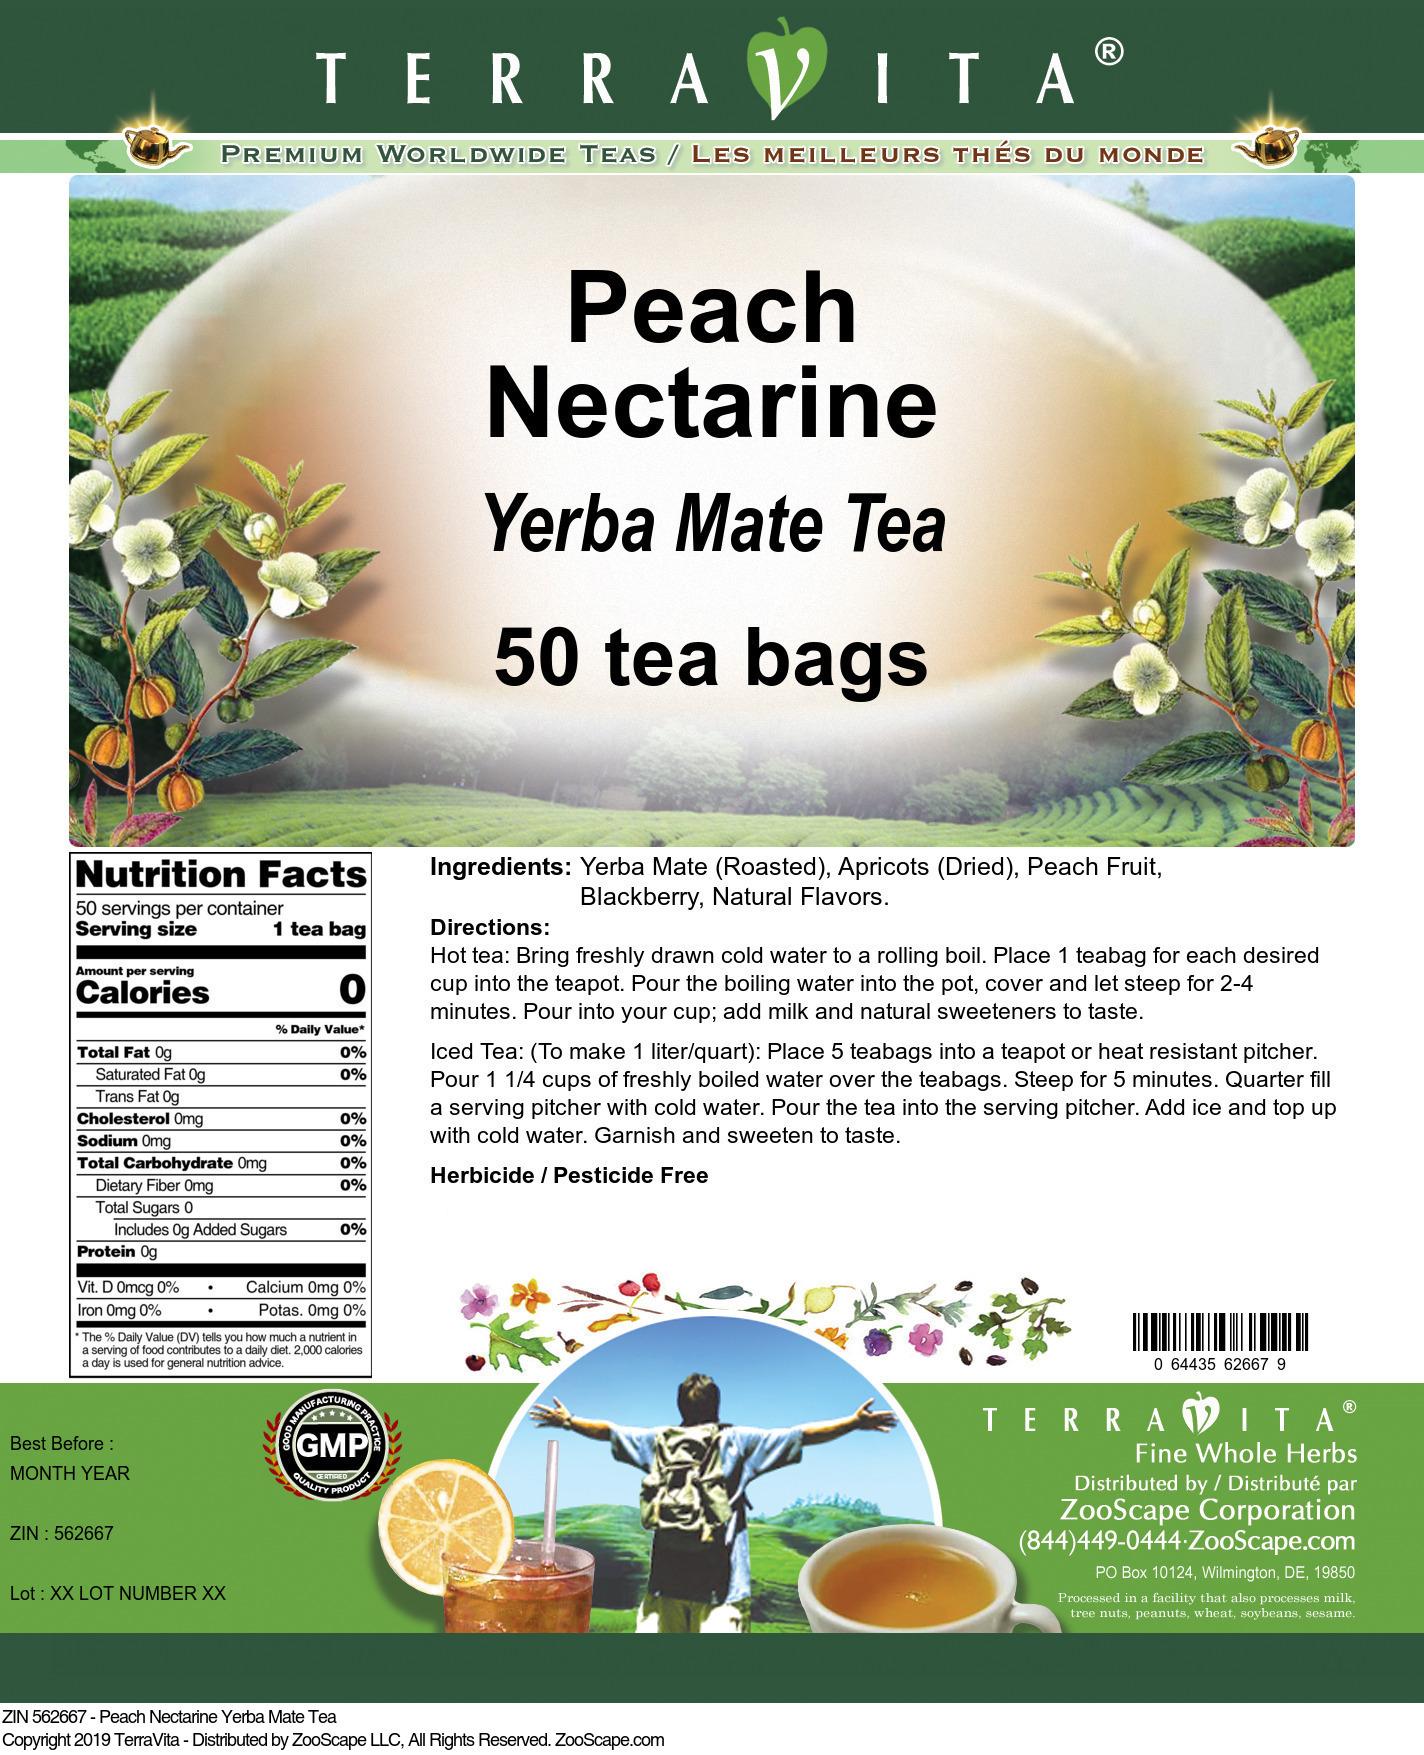 Peach Nectarine Yerba Mate Tea